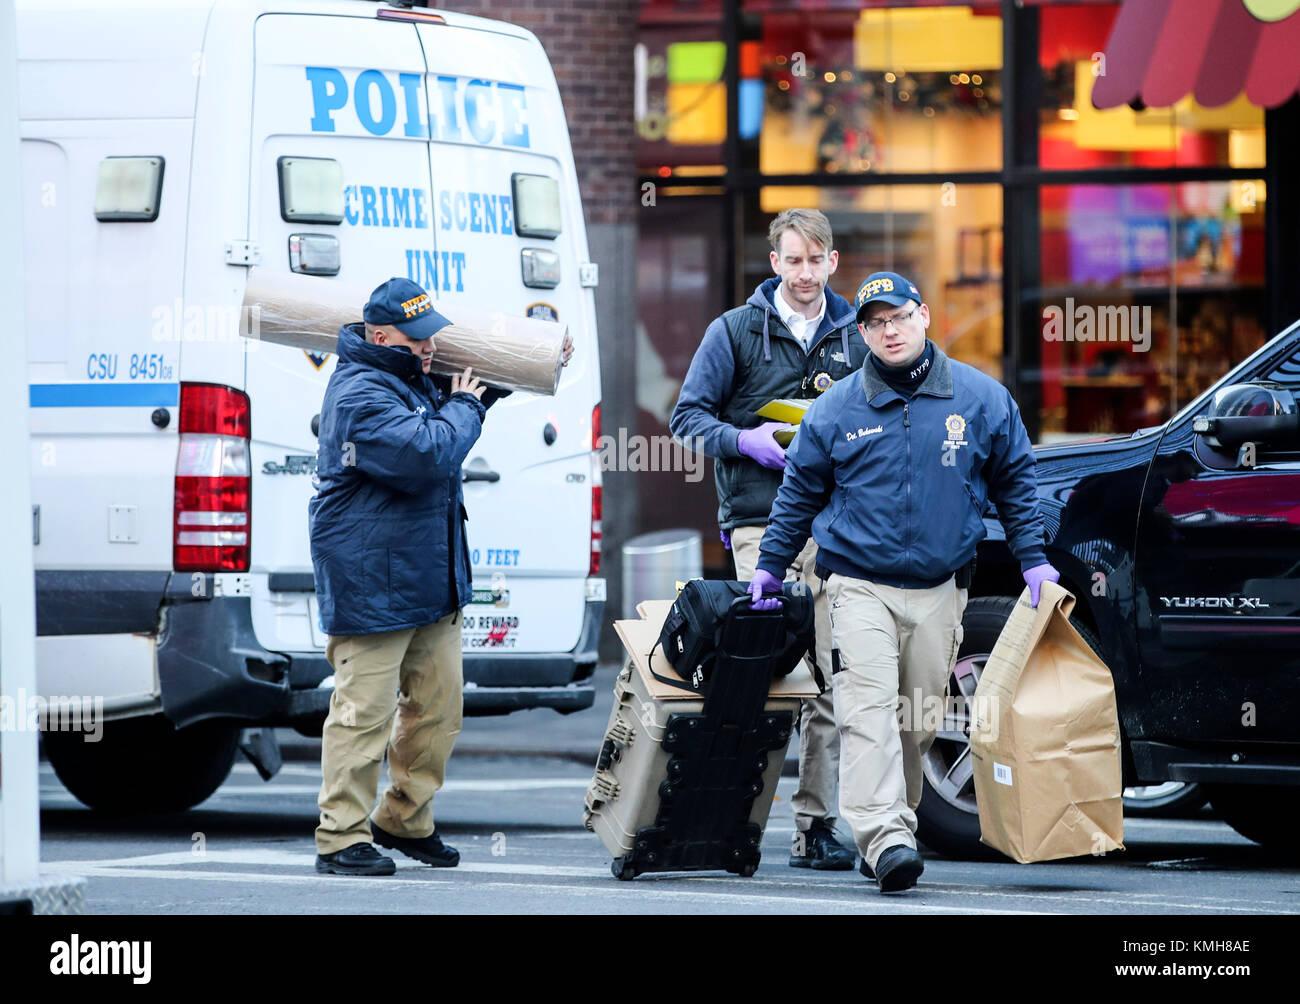 Nueva York, Estados Unidos. 11 dic, 2017. Los investigadores trabajan en el sitio de la explosión, en Nueva York, Foto de stock